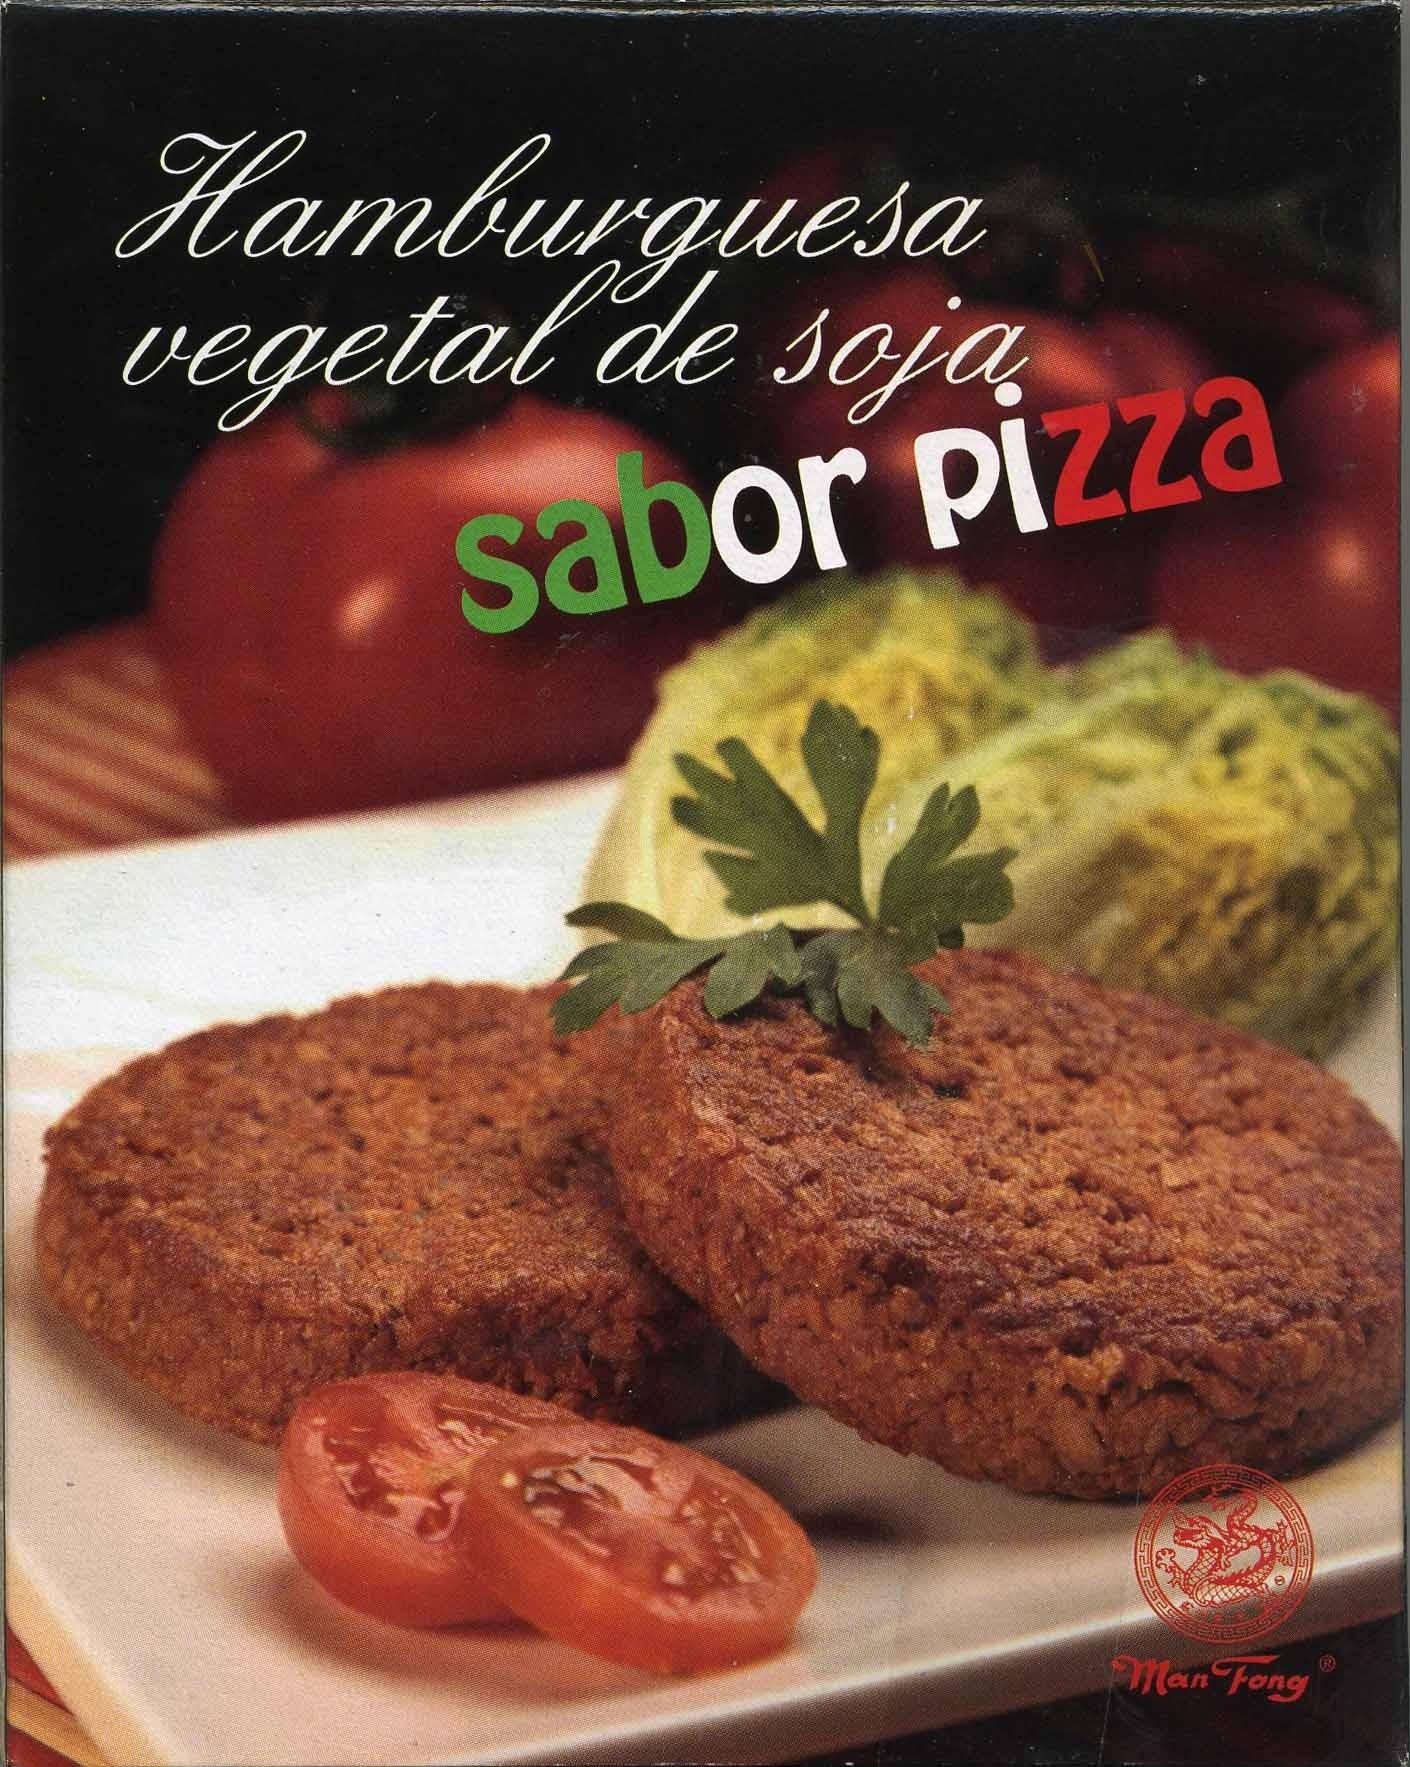 Hamburguesa de soja sabor pizza - Producto